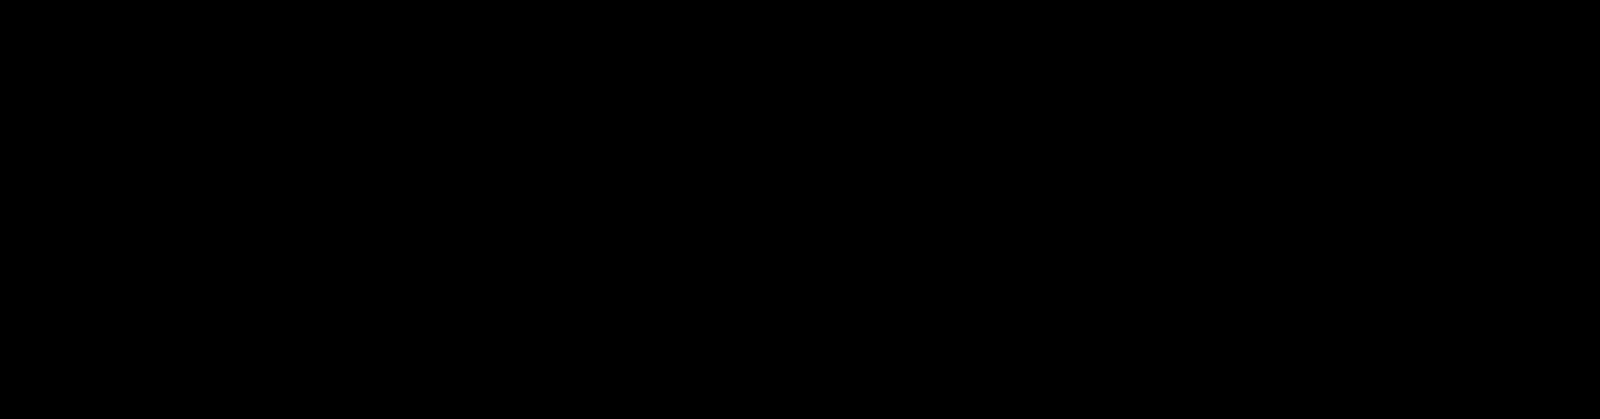 Android blackberry Mercury Neon